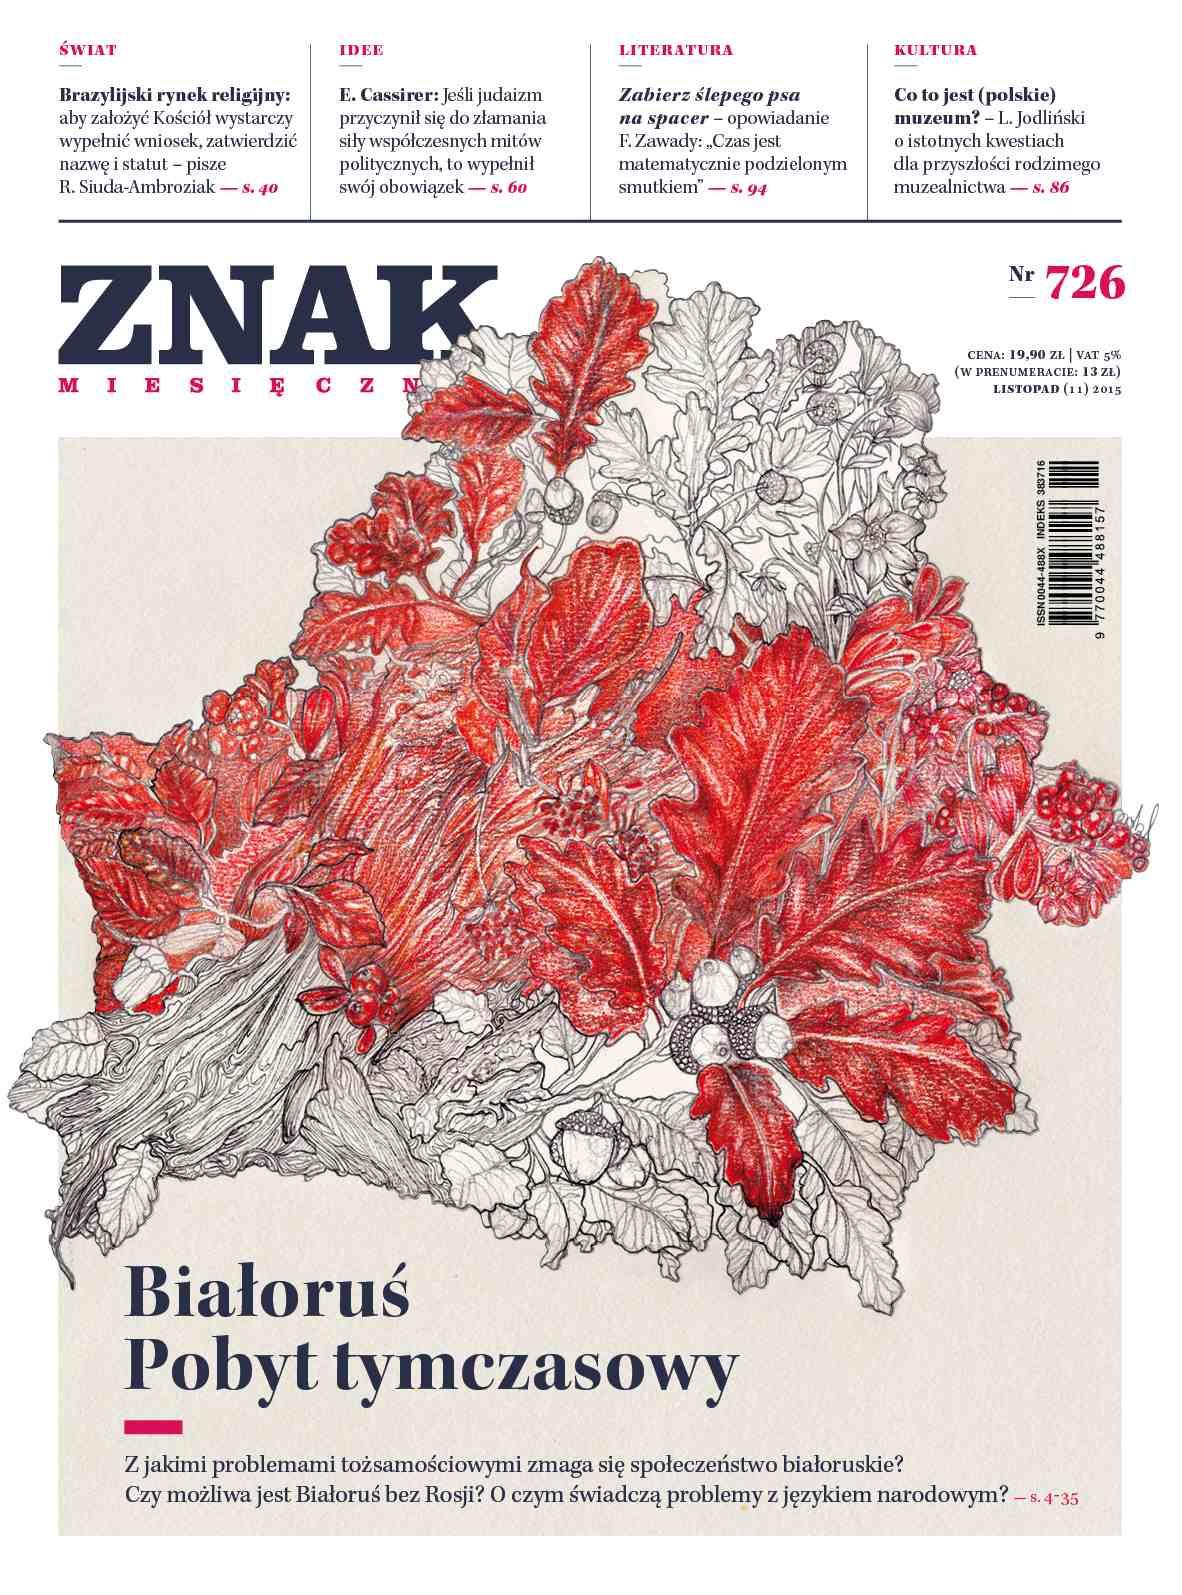 Miesięcznik Znak. Białoruś. Pobyt tymczasowy. Nr 726 - Ebook (Książka EPUB) do pobrania w formacie EPUB